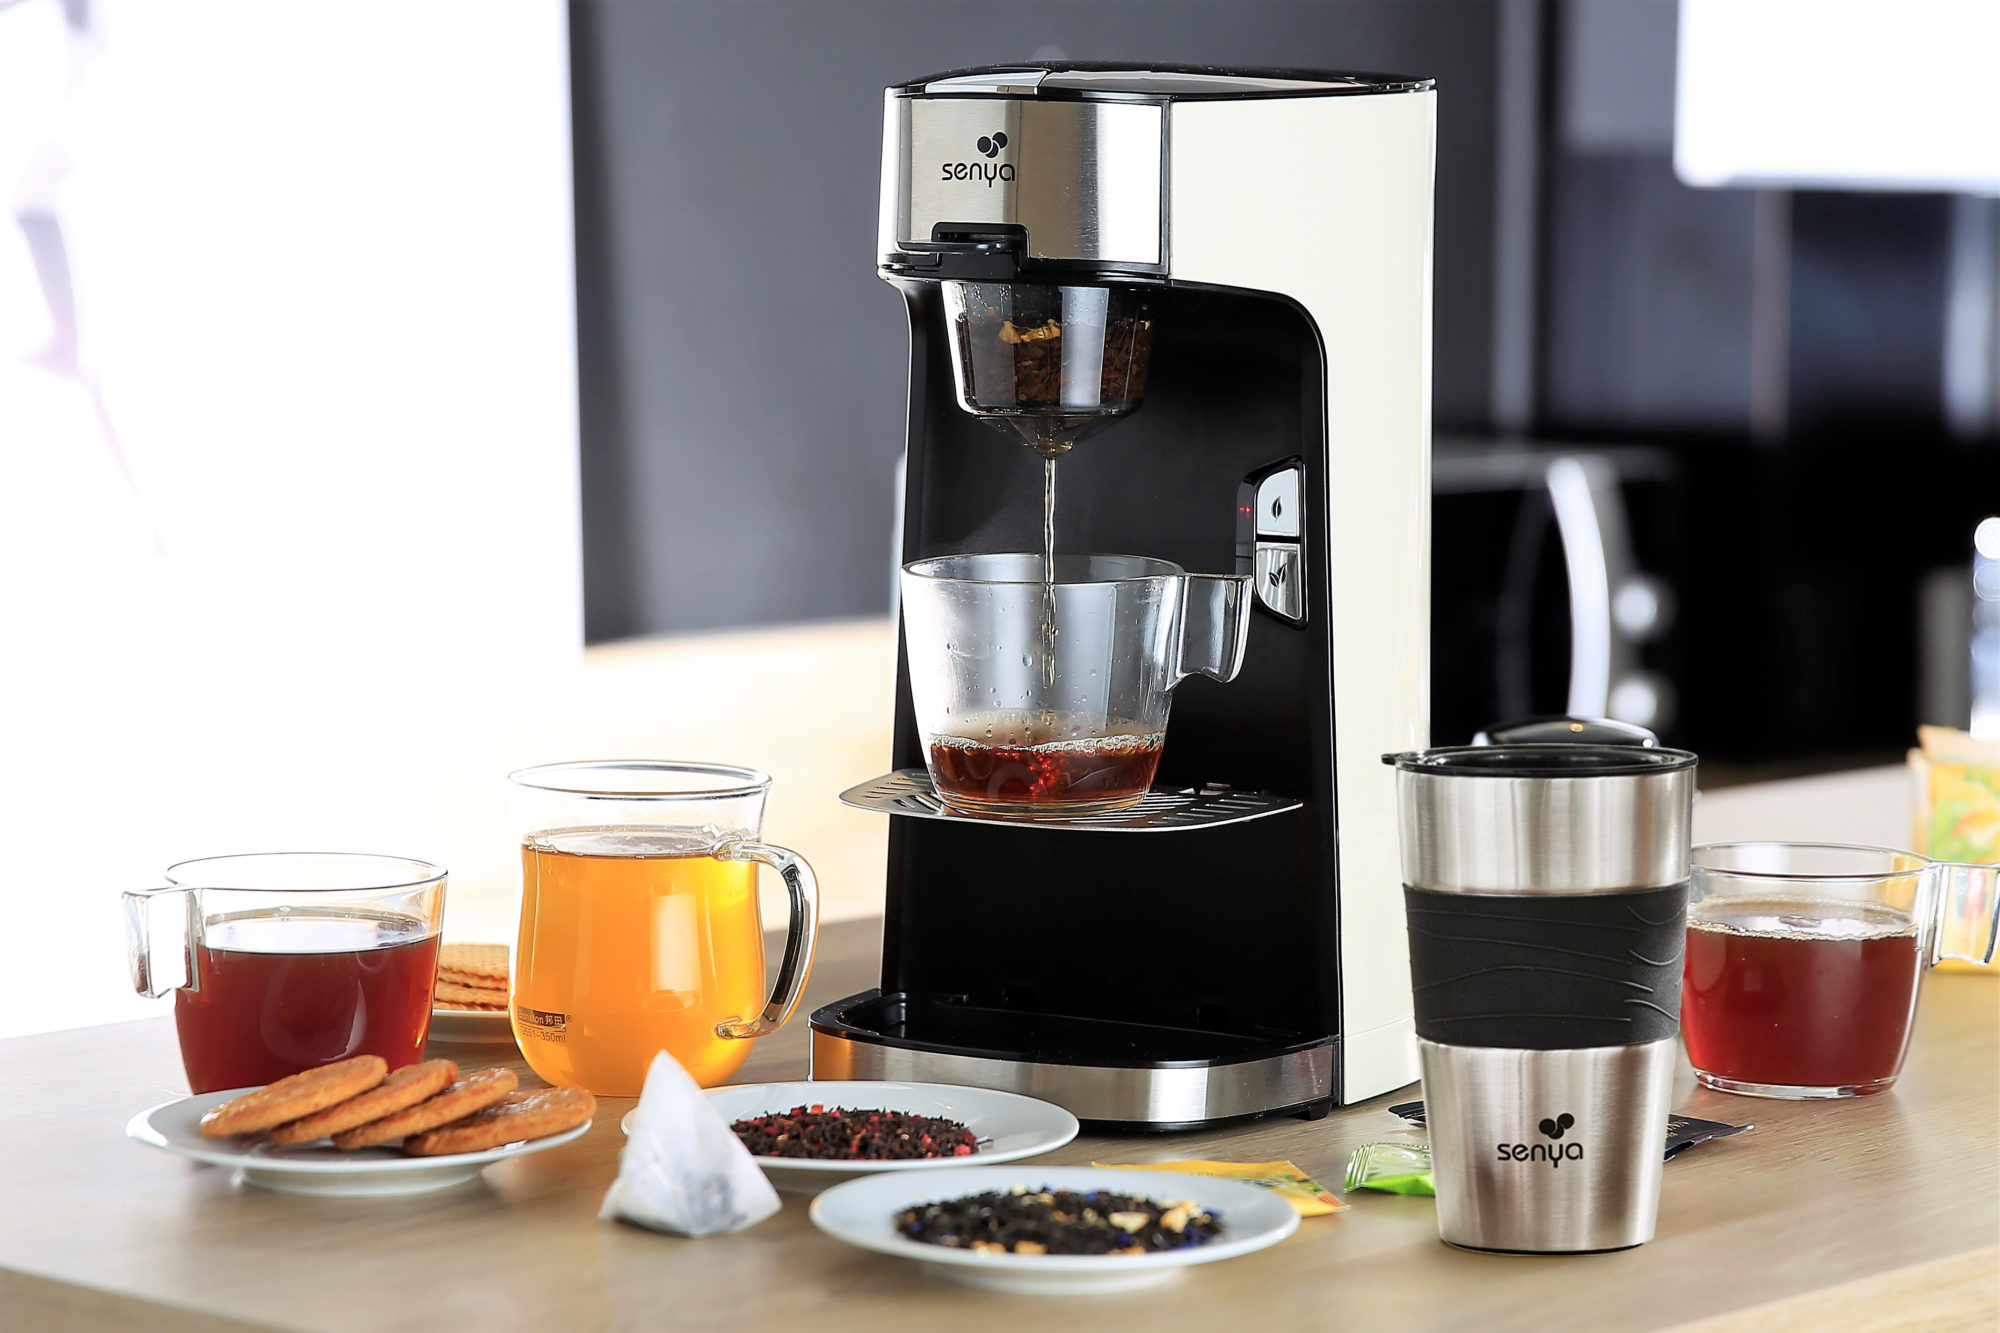 Machine à thé noir avec le mug isotherme posé à côté, le tout sur un plan de travail